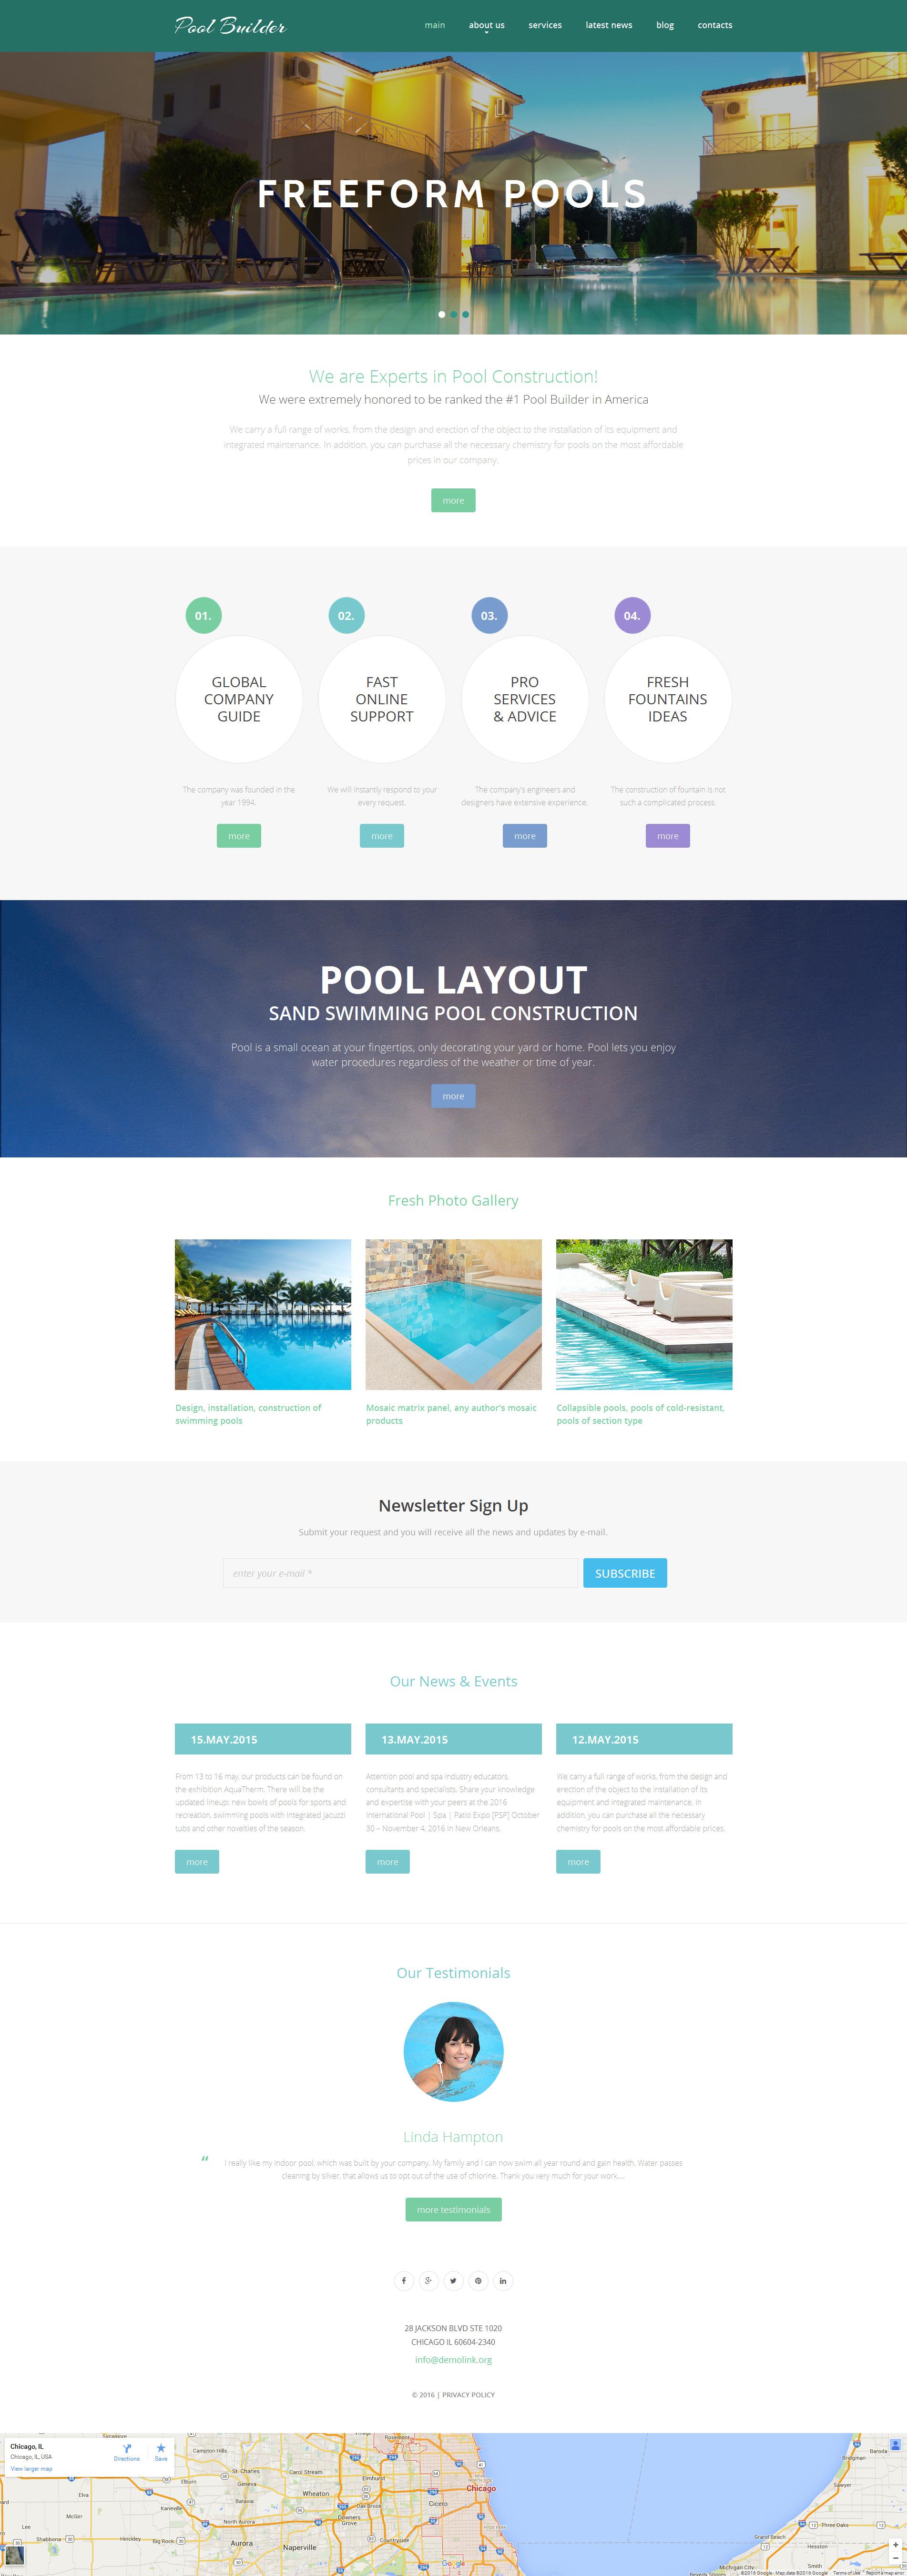 Modèle Moto CMS 3 adaptatif pour site de piscine #56052 - screenshot